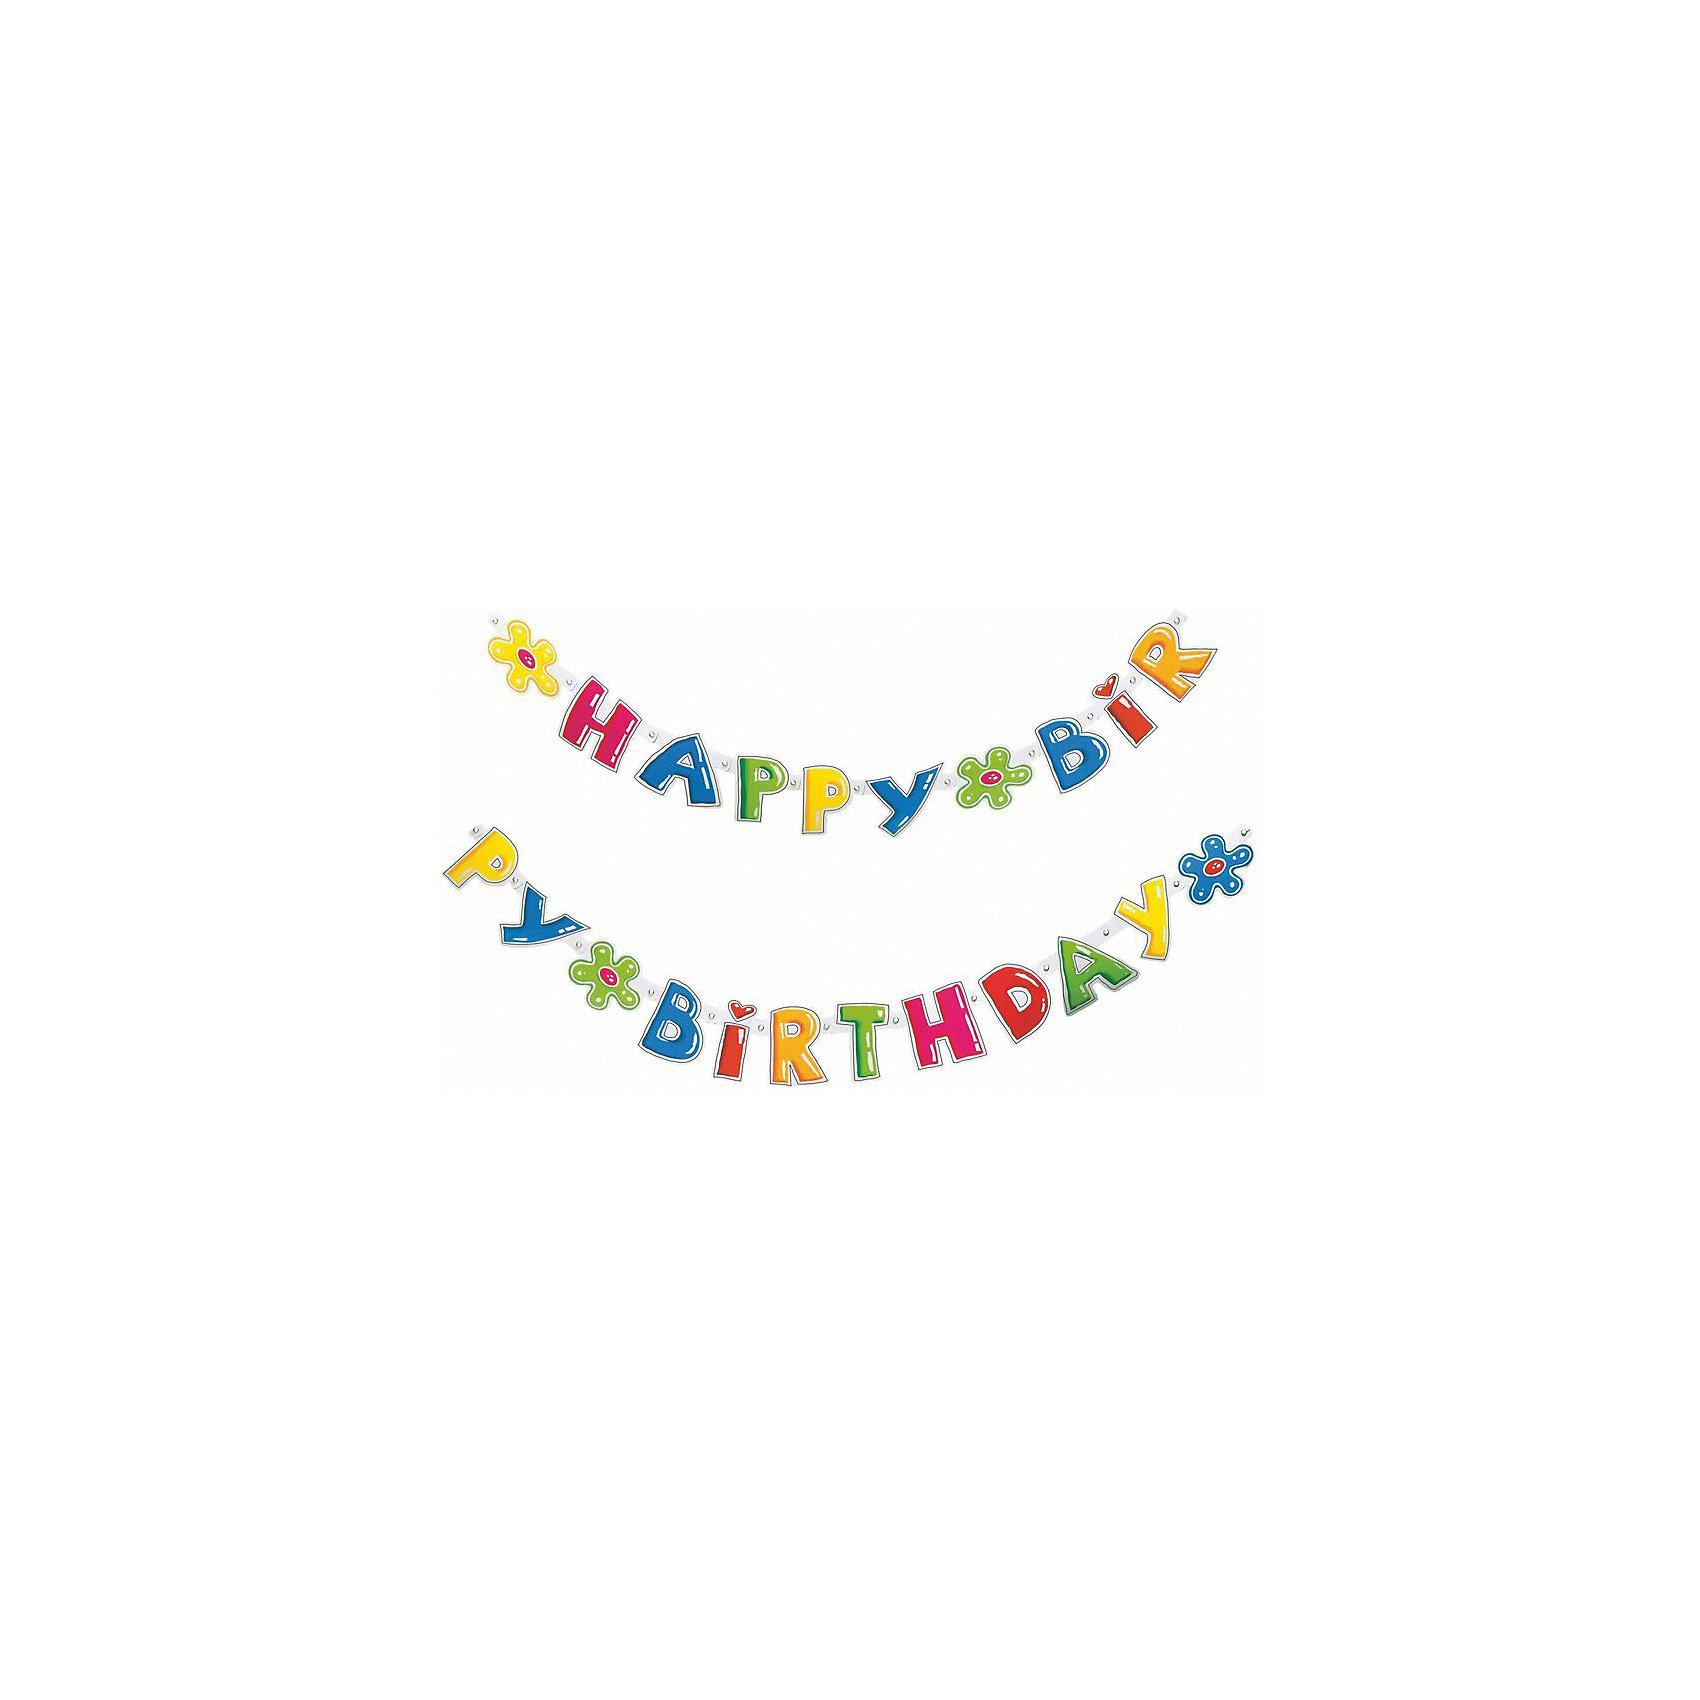 Гирлянда  Happy Birthday, 1.6 мх11см.Всё для праздника<br>Характеристики товара:<br><br>• возраст: от 3 лет<br>• цвет: мульти<br>• материал: бумага<br>• размер упаковки: 17х21х3 см<br>• длина: 1,6 м<br>• вес: 40 г<br>• страна бренда: Германия<br>• страна изготовитель: Германия<br><br>Яркая гирлянда с надписью «Happy Birthday» - это необходимая изюминка в оформлении детского праздника. <br><br>Ею можно украсить стены, окна помещения, а также растянуть по диагонали.<br><br>Изделие произведено из безопасного для детей материала.<br><br>Гирлянду «Happy Birthday», 1.6 мх11см от бренда Herlitz (Херлиц) можно купить в нашем интернет-магазине.<br><br>Ширина мм: 8<br>Глубина мм: 175<br>Высота мм: 210<br>Вес г: 47<br>Возраст от месяцев: 36<br>Возраст до месяцев: 2147483647<br>Пол: Унисекс<br>Возраст: Детский<br>SKU: 6886471